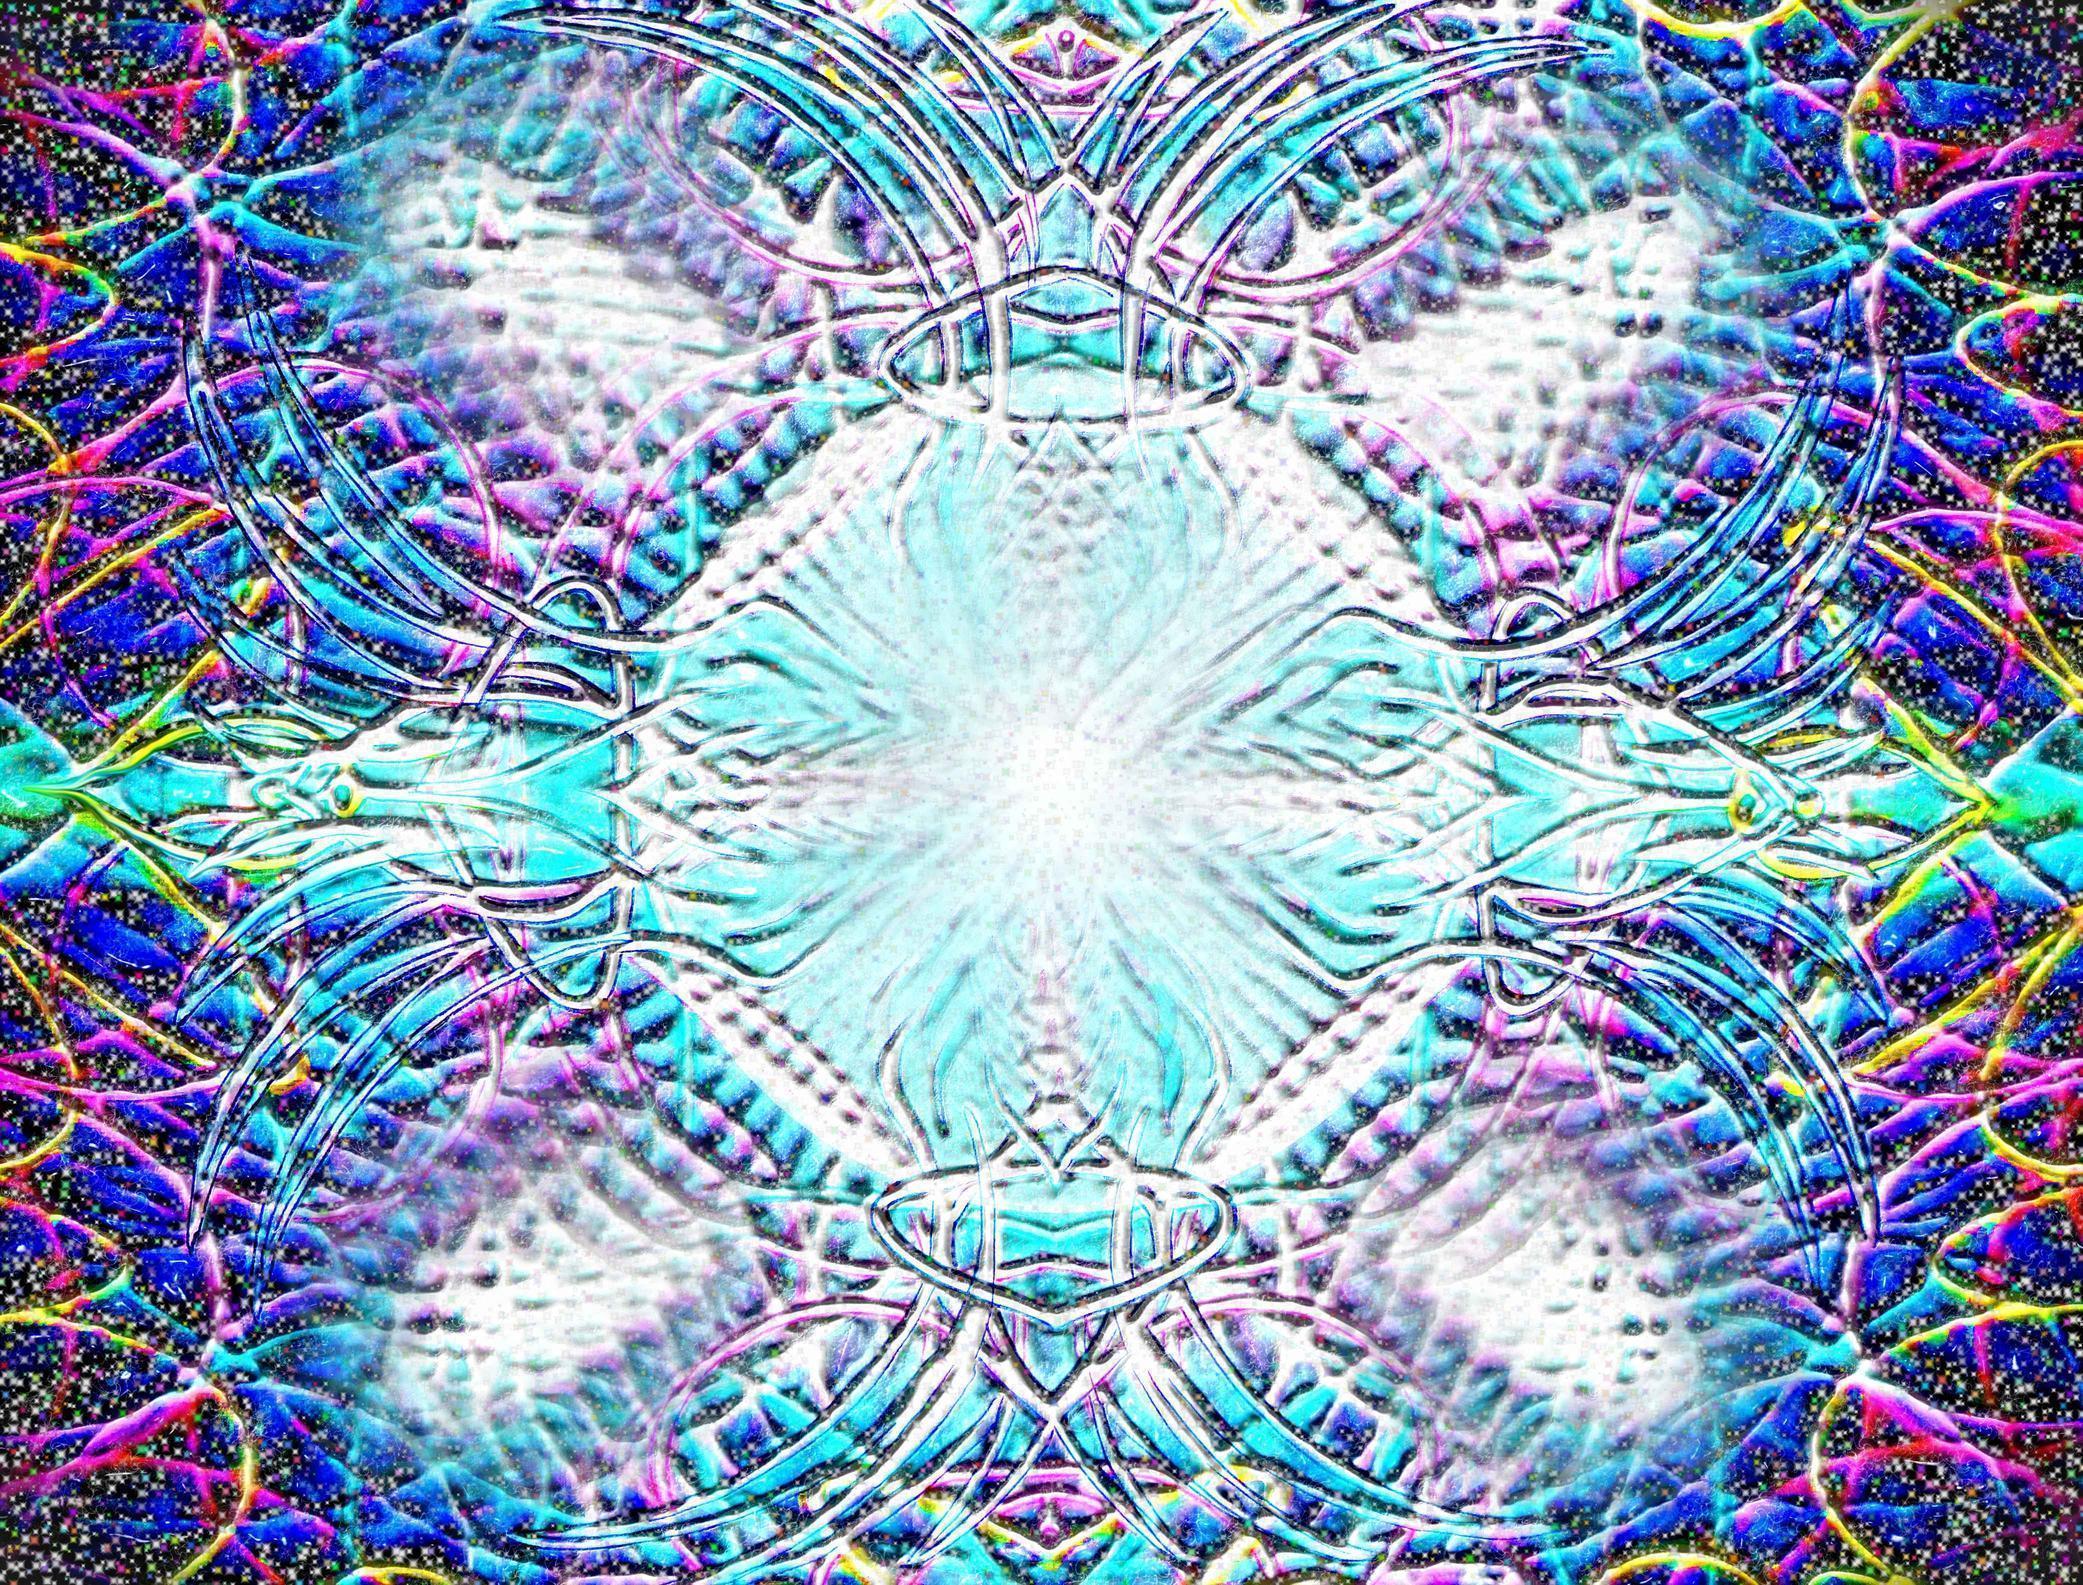 Light Effect Hd Wallpaper Dmt Wallpapers Wallpaper Cave